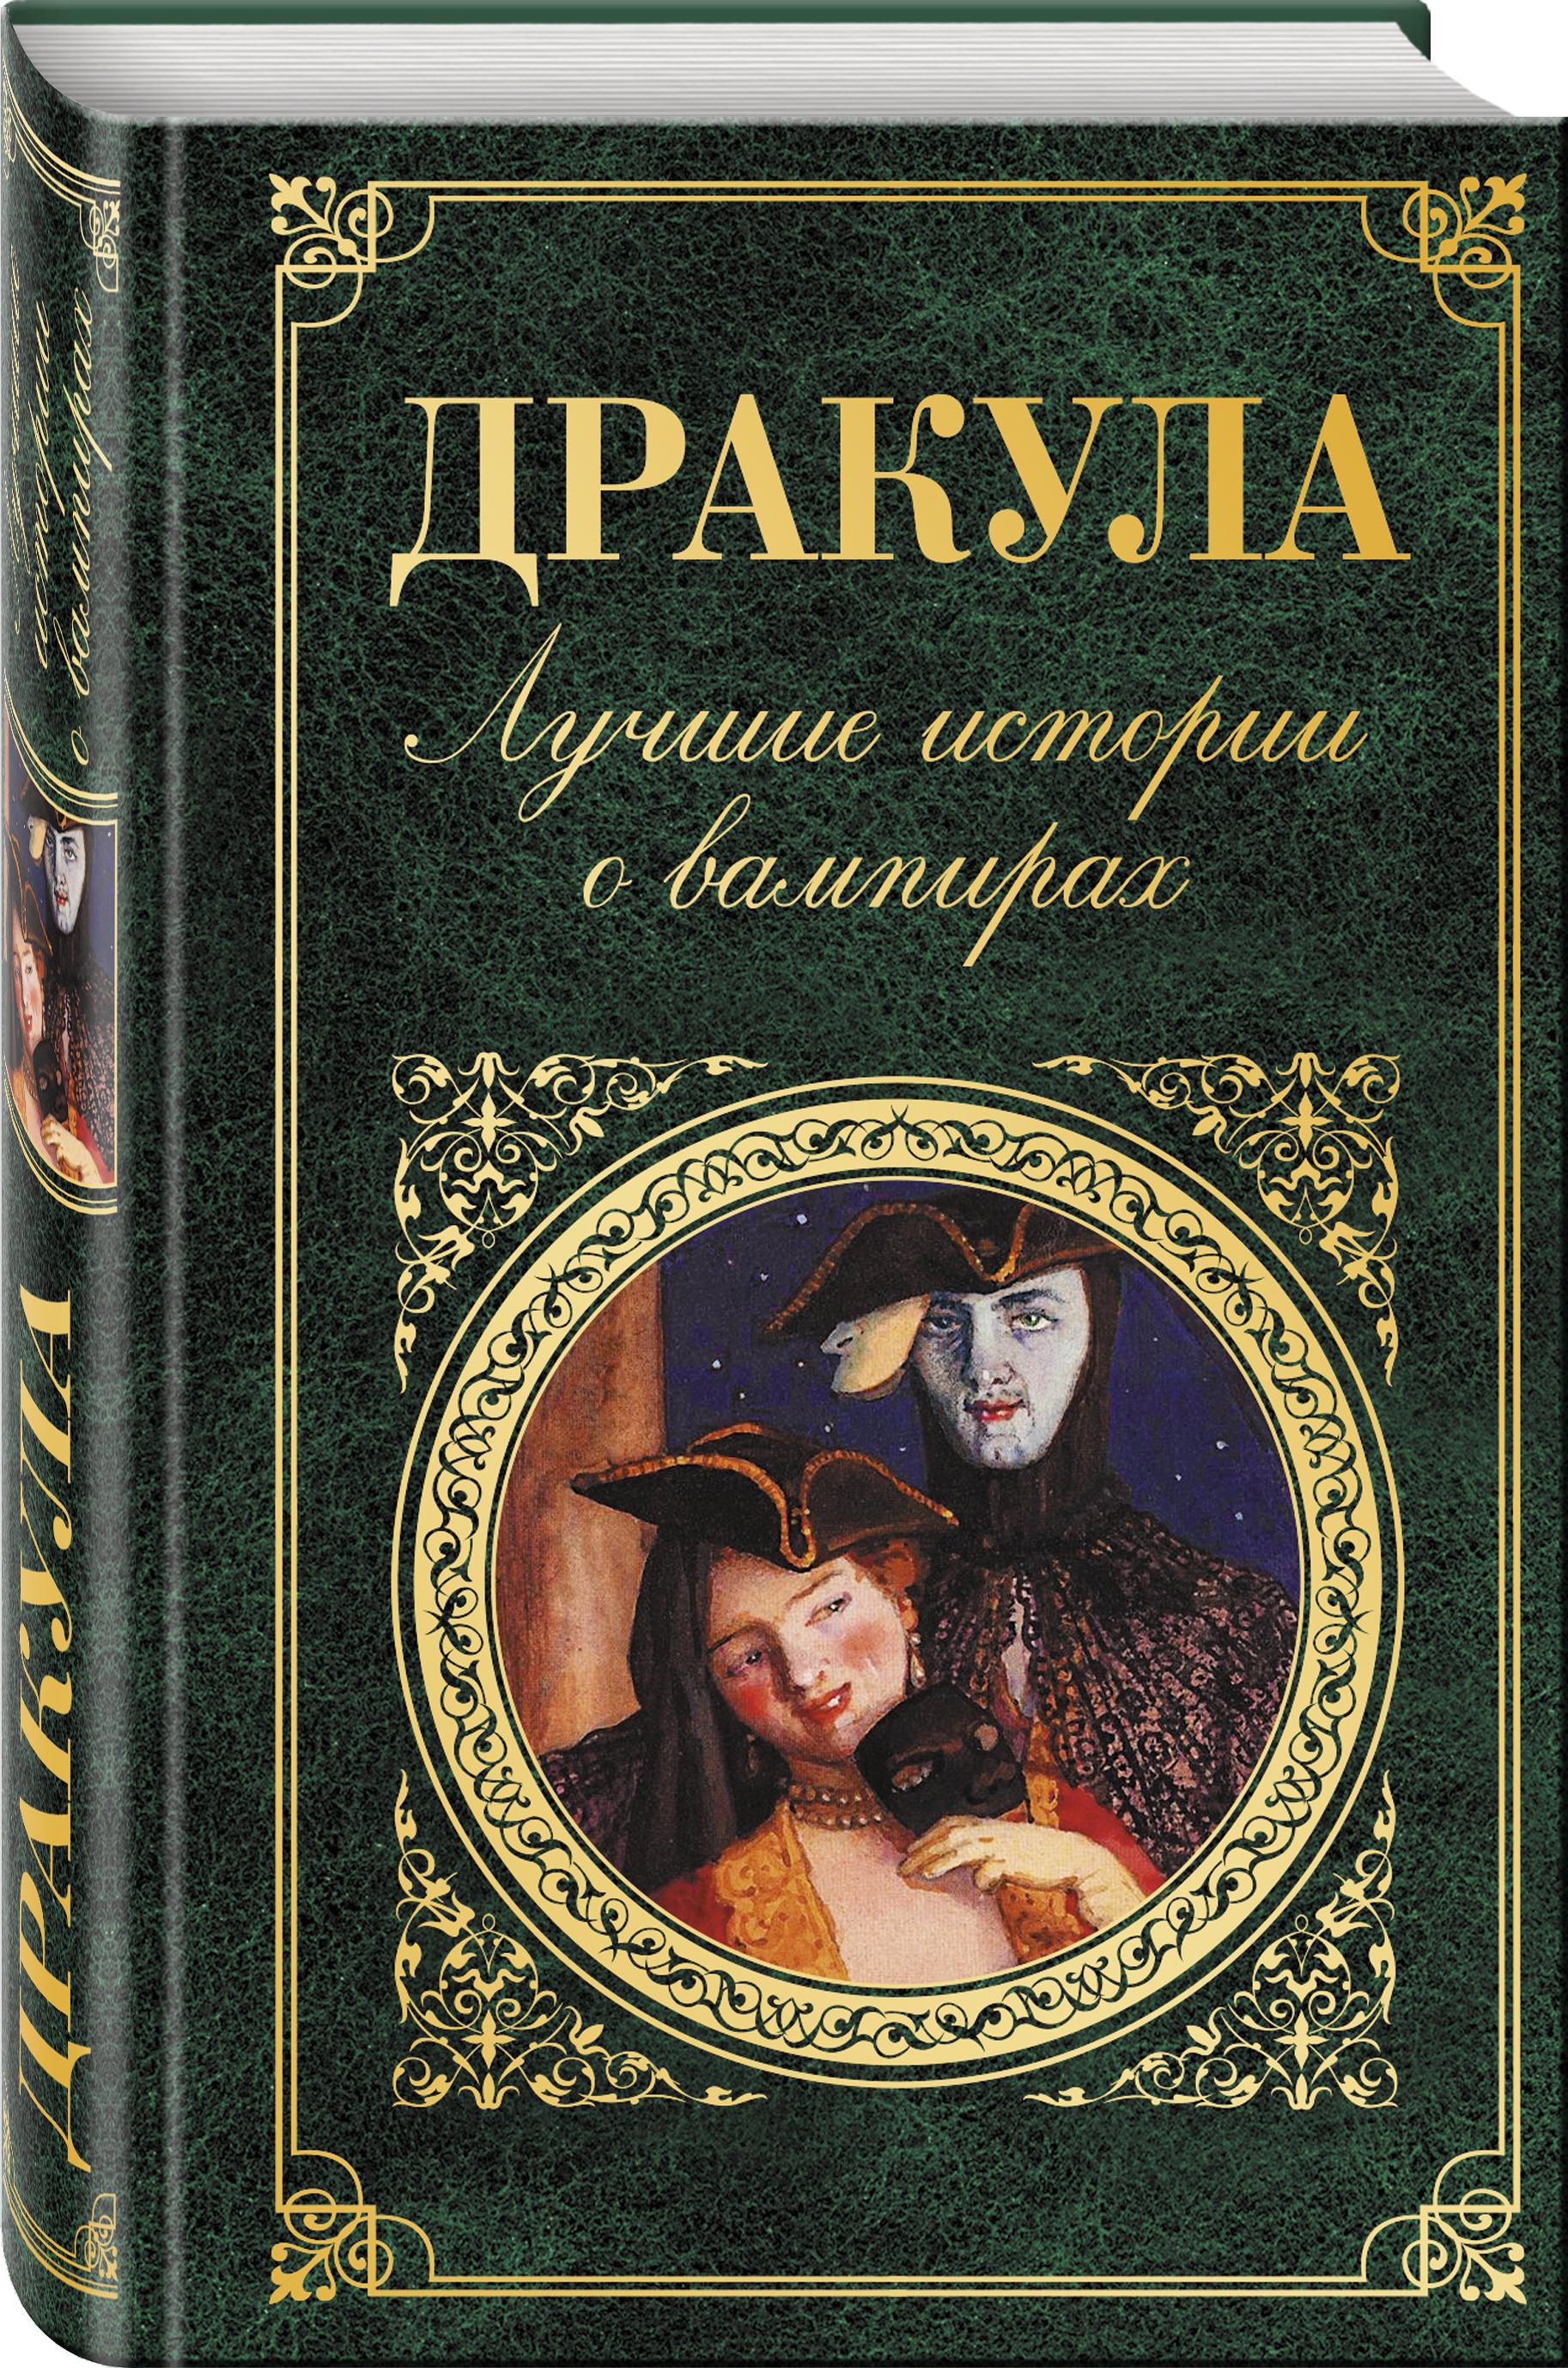 Стокер Б., Байрон Дж.Г., Полидори Дж.У. и др. Дракула. Лучшие истории о вампирах